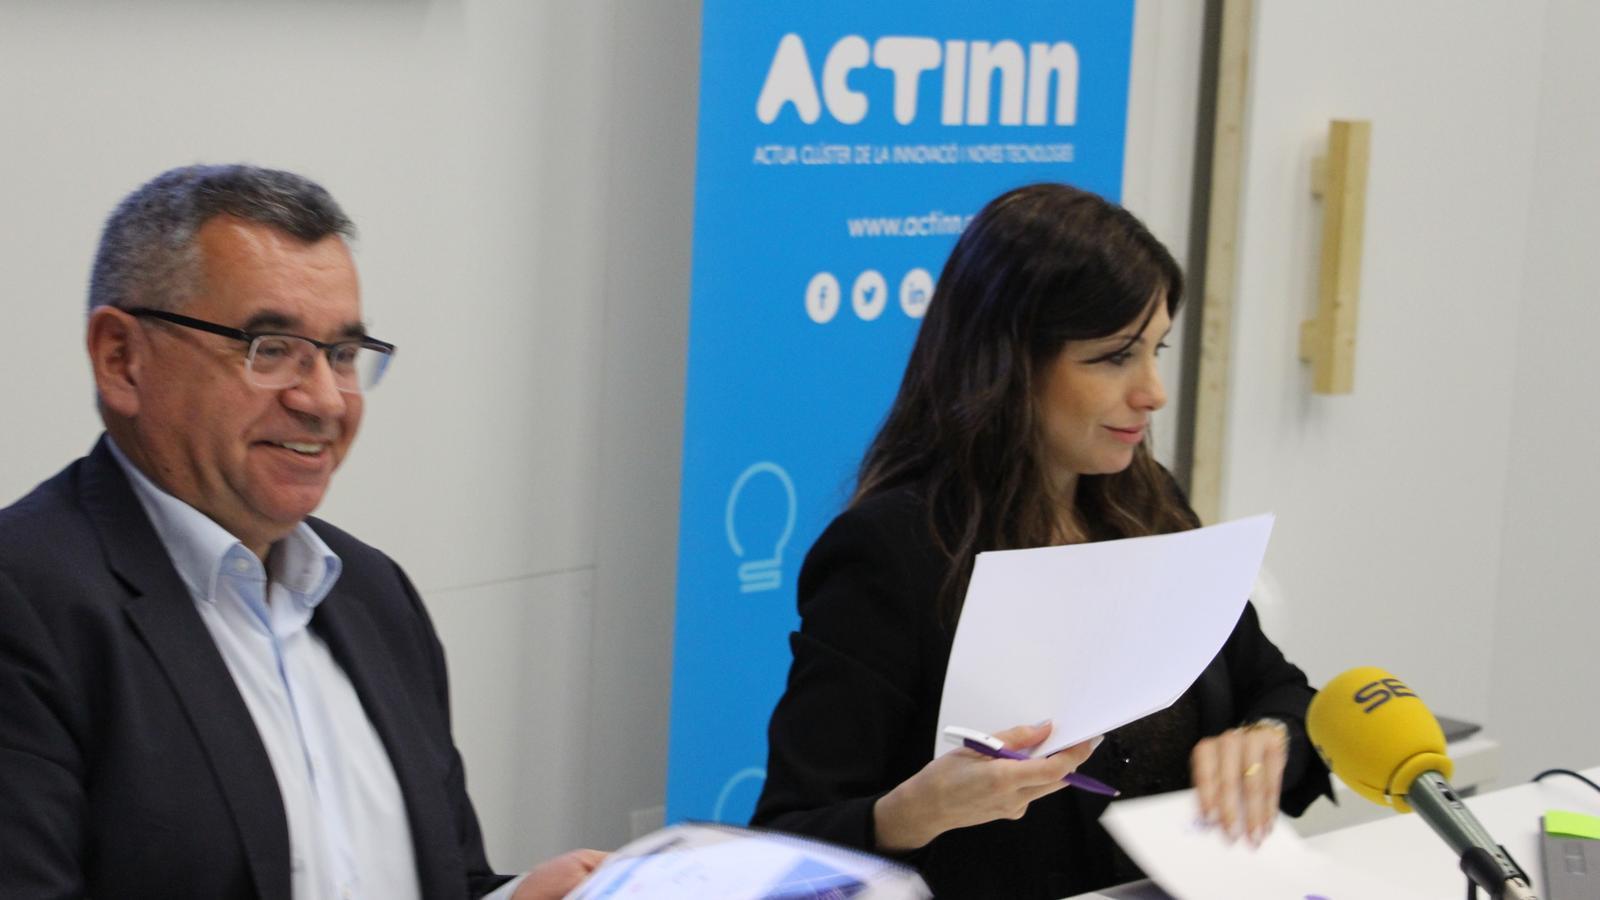 El president d'ACTinn, Albert Moles, i la clúster manager, Vanesa Arroyo, durant la roda de premsa.